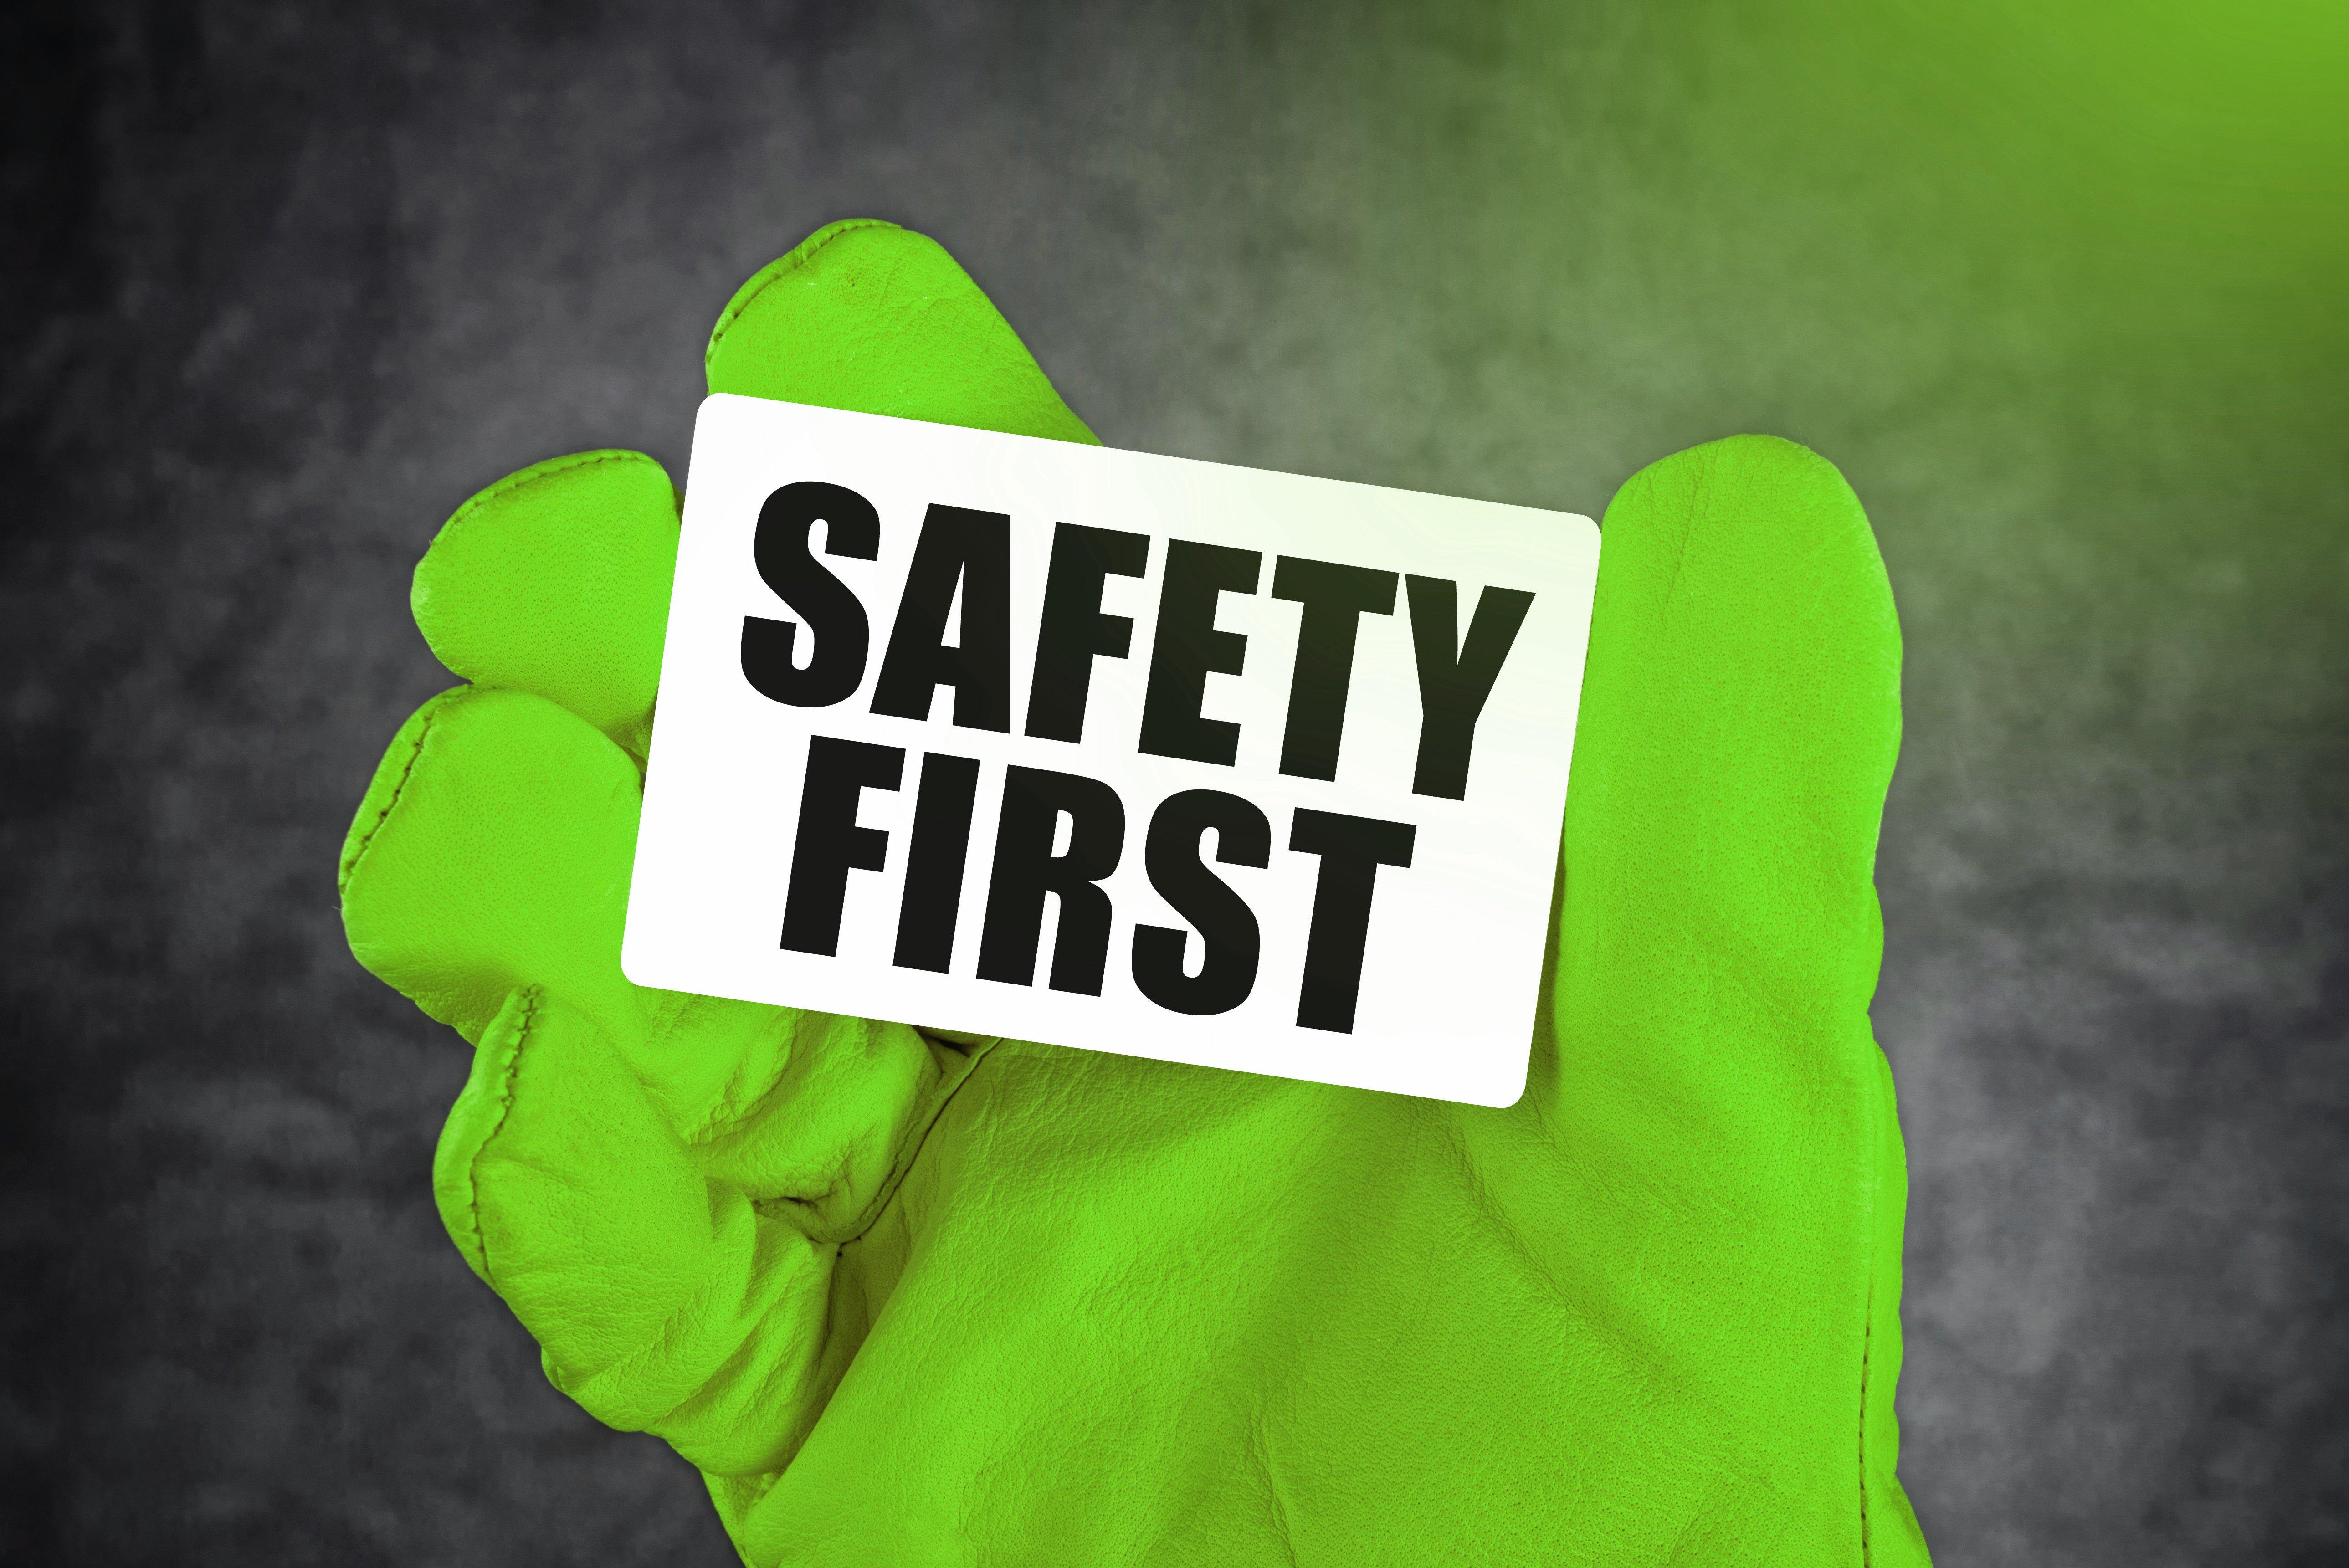 Lupa kuljettaa valaistusvälinettä ja muita ohjeita rakennustyömaille_vihrea